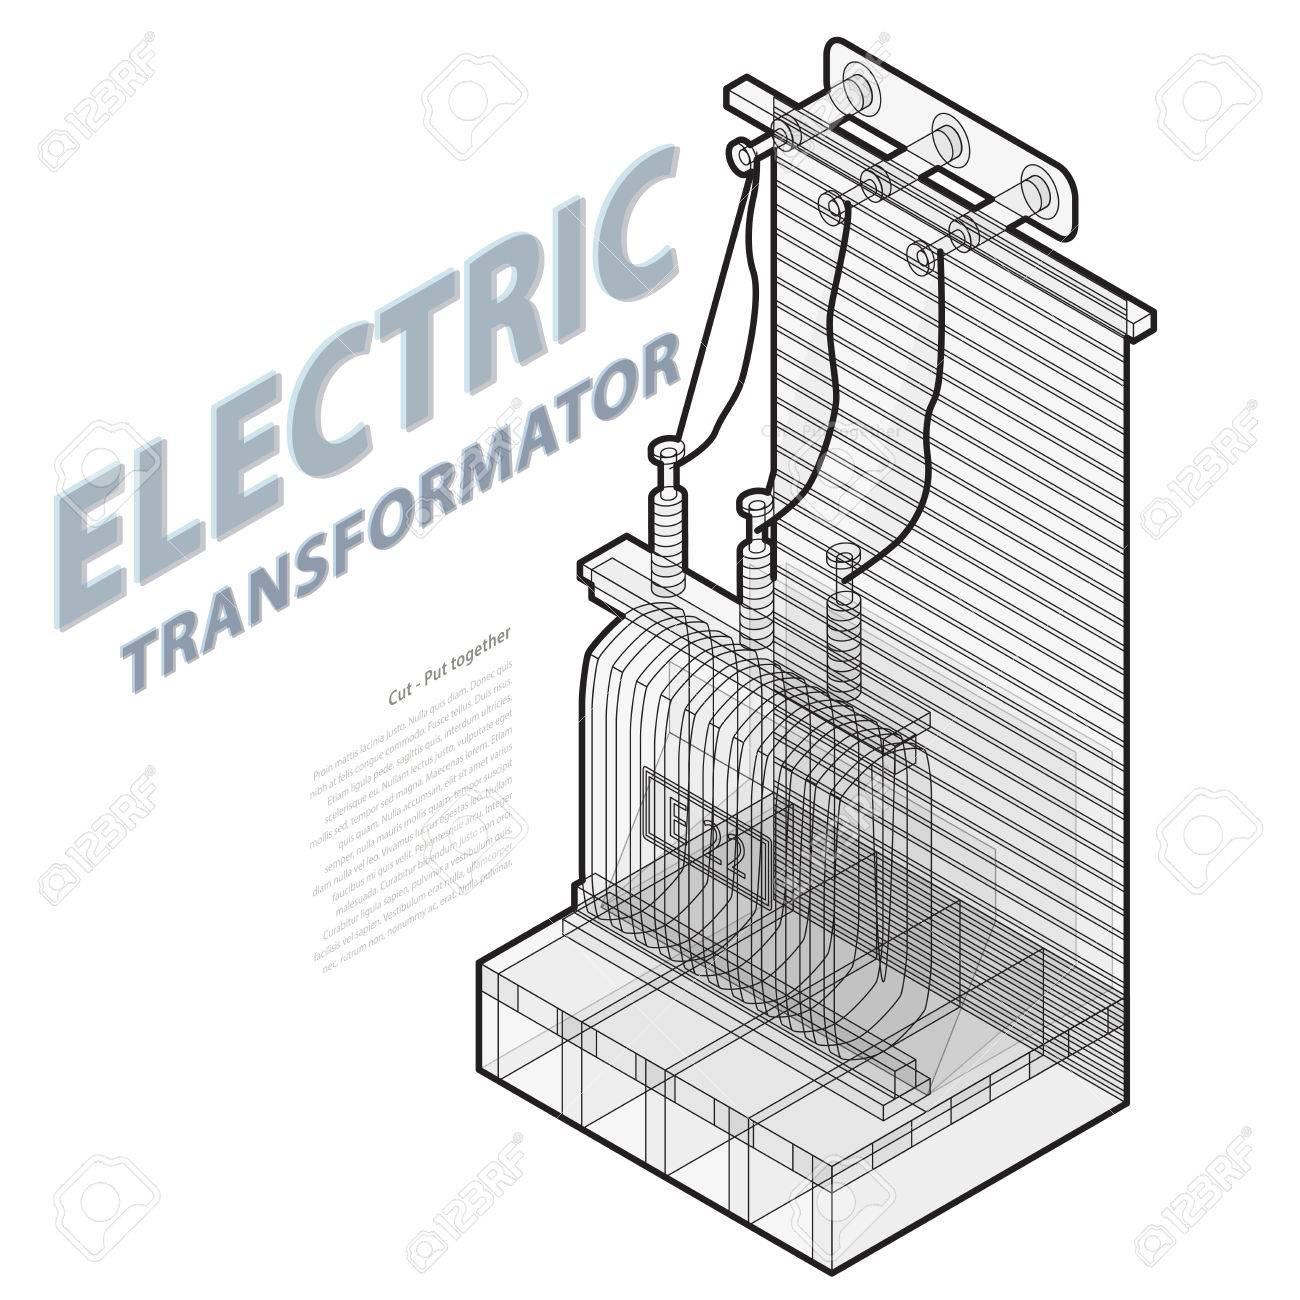 Atemberaubend Transformator Symbol Elektrisch Galerie - Elektrische ...